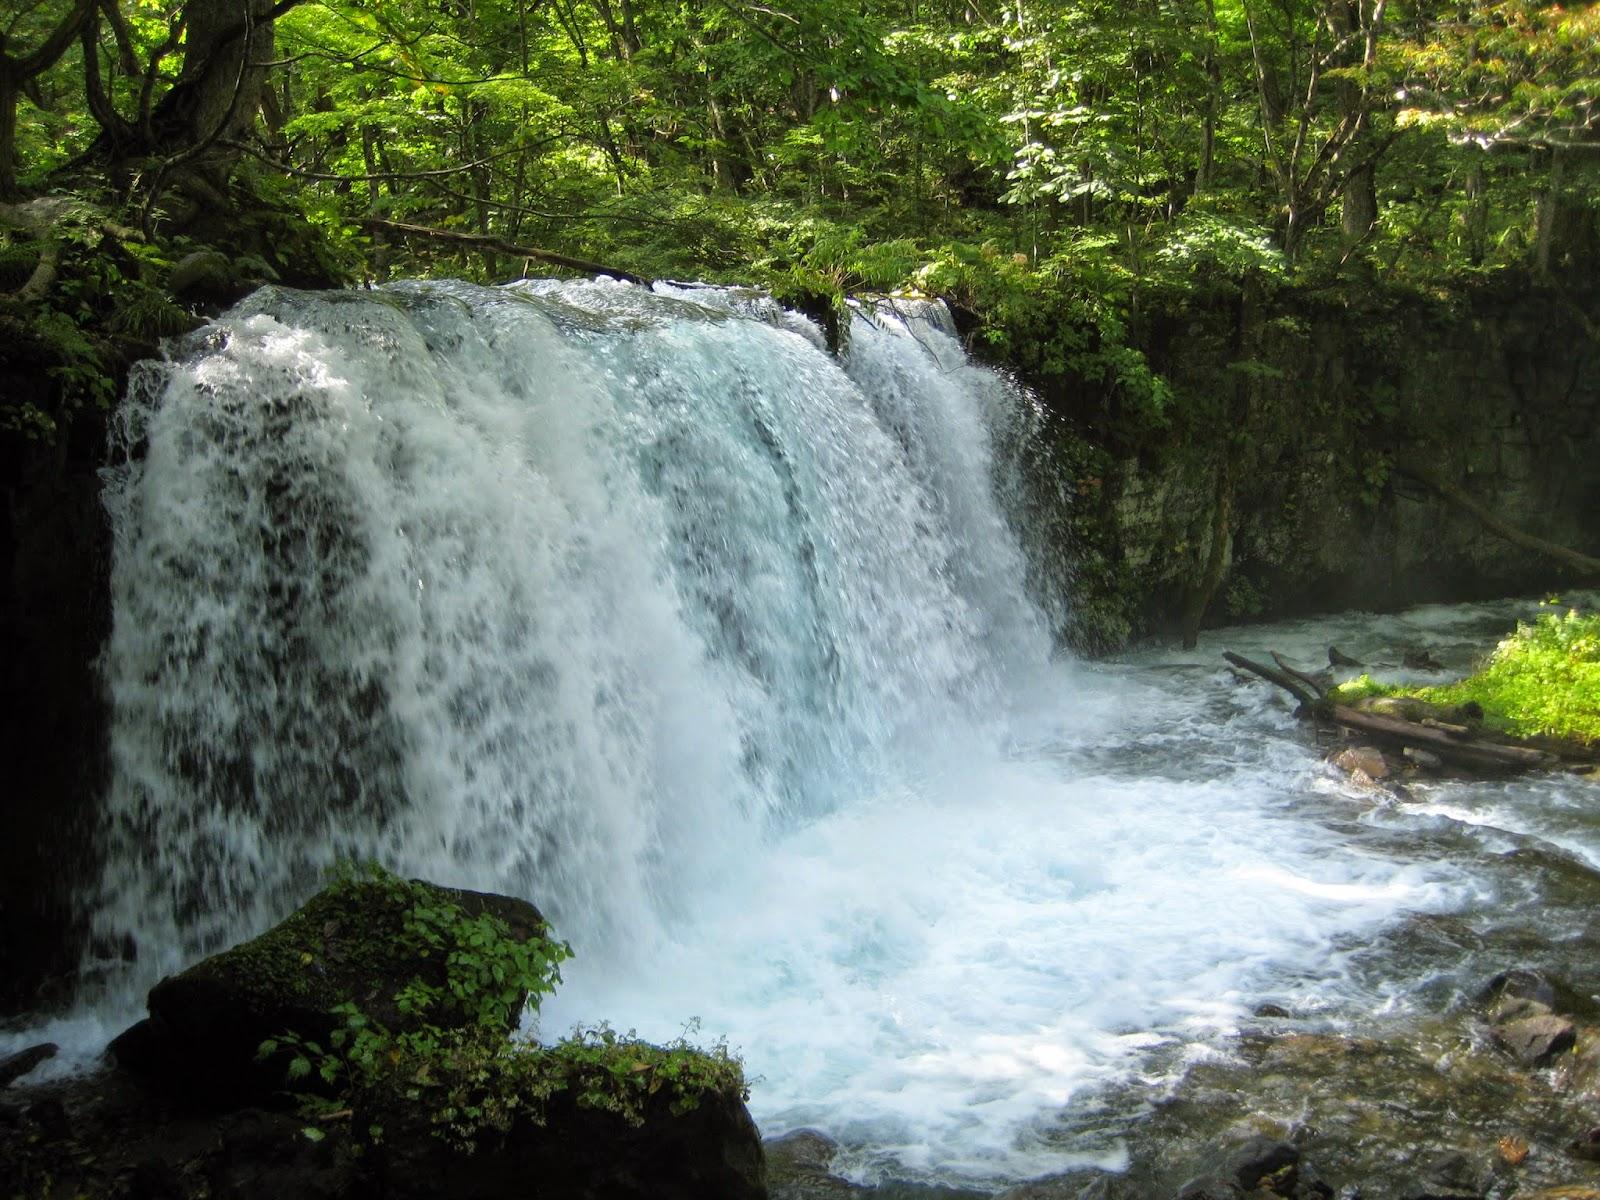 Choshi-Otaki Fall Oirase Gorge (Oirase Keiryuu) 奥入瀬渓流 銚子大滝